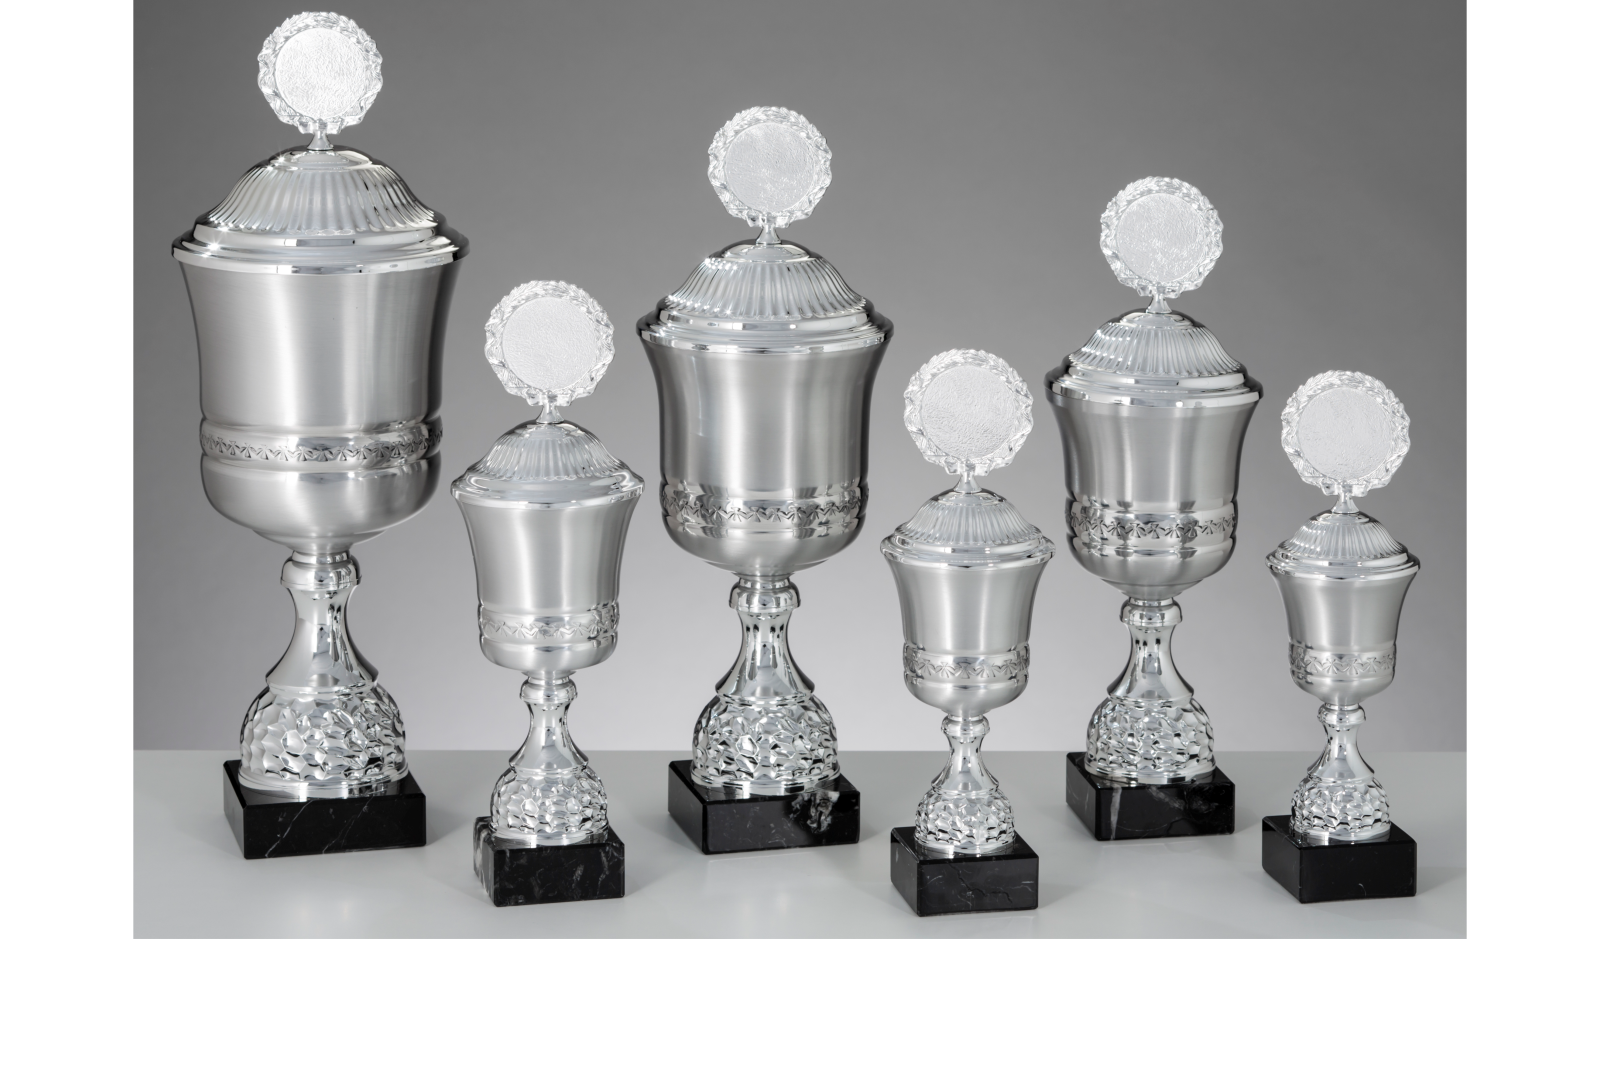 Pokalserie aus Aluminium